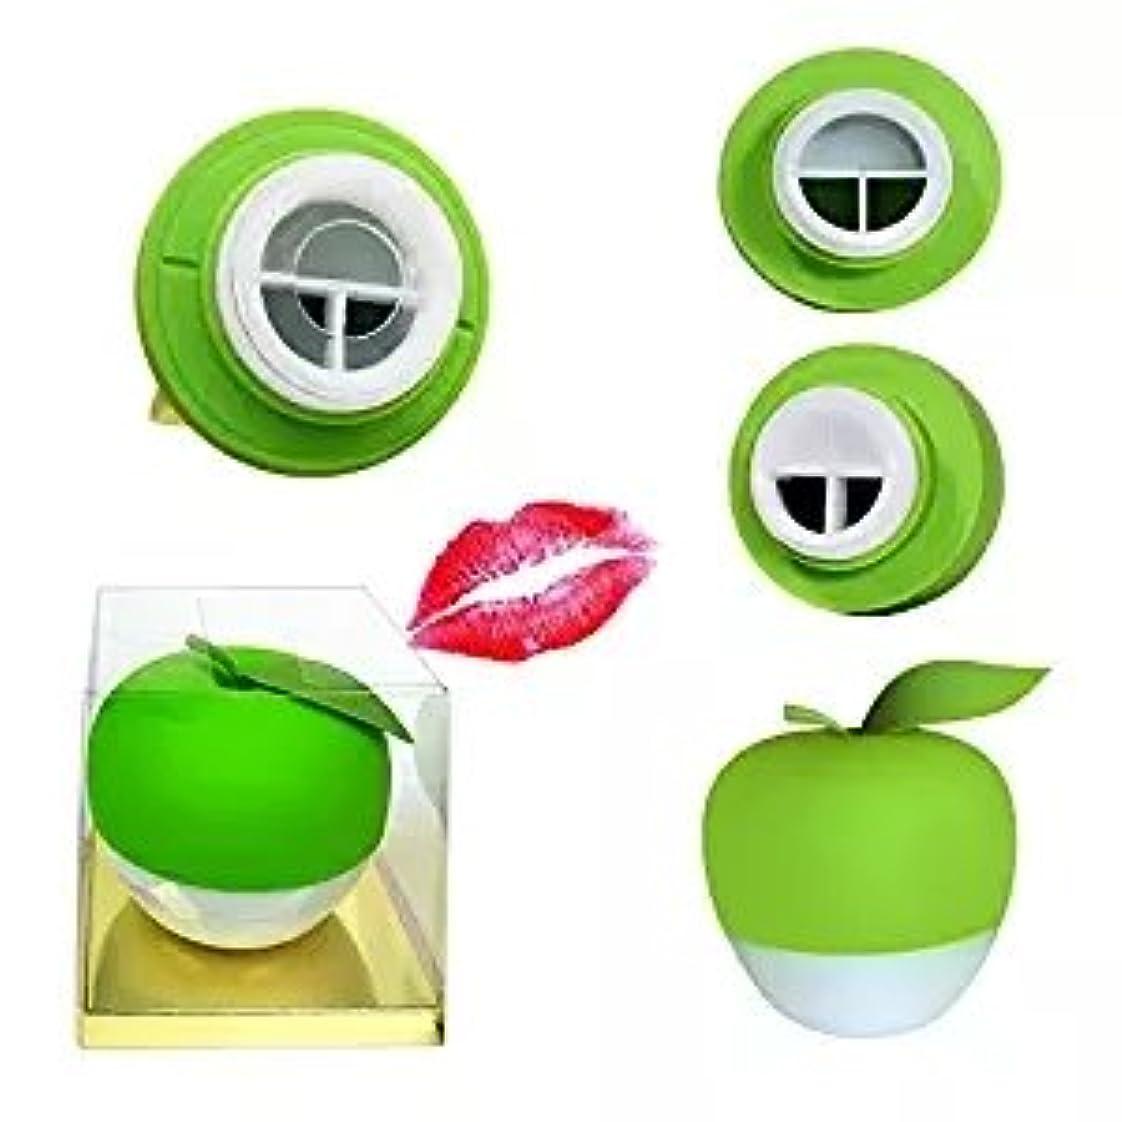 内陸服を洗う想像力豊かなYartar リップエンハンサー セクシーリップス  シリコン製 コンパクト ピンク Lip Plumper (グリーン)